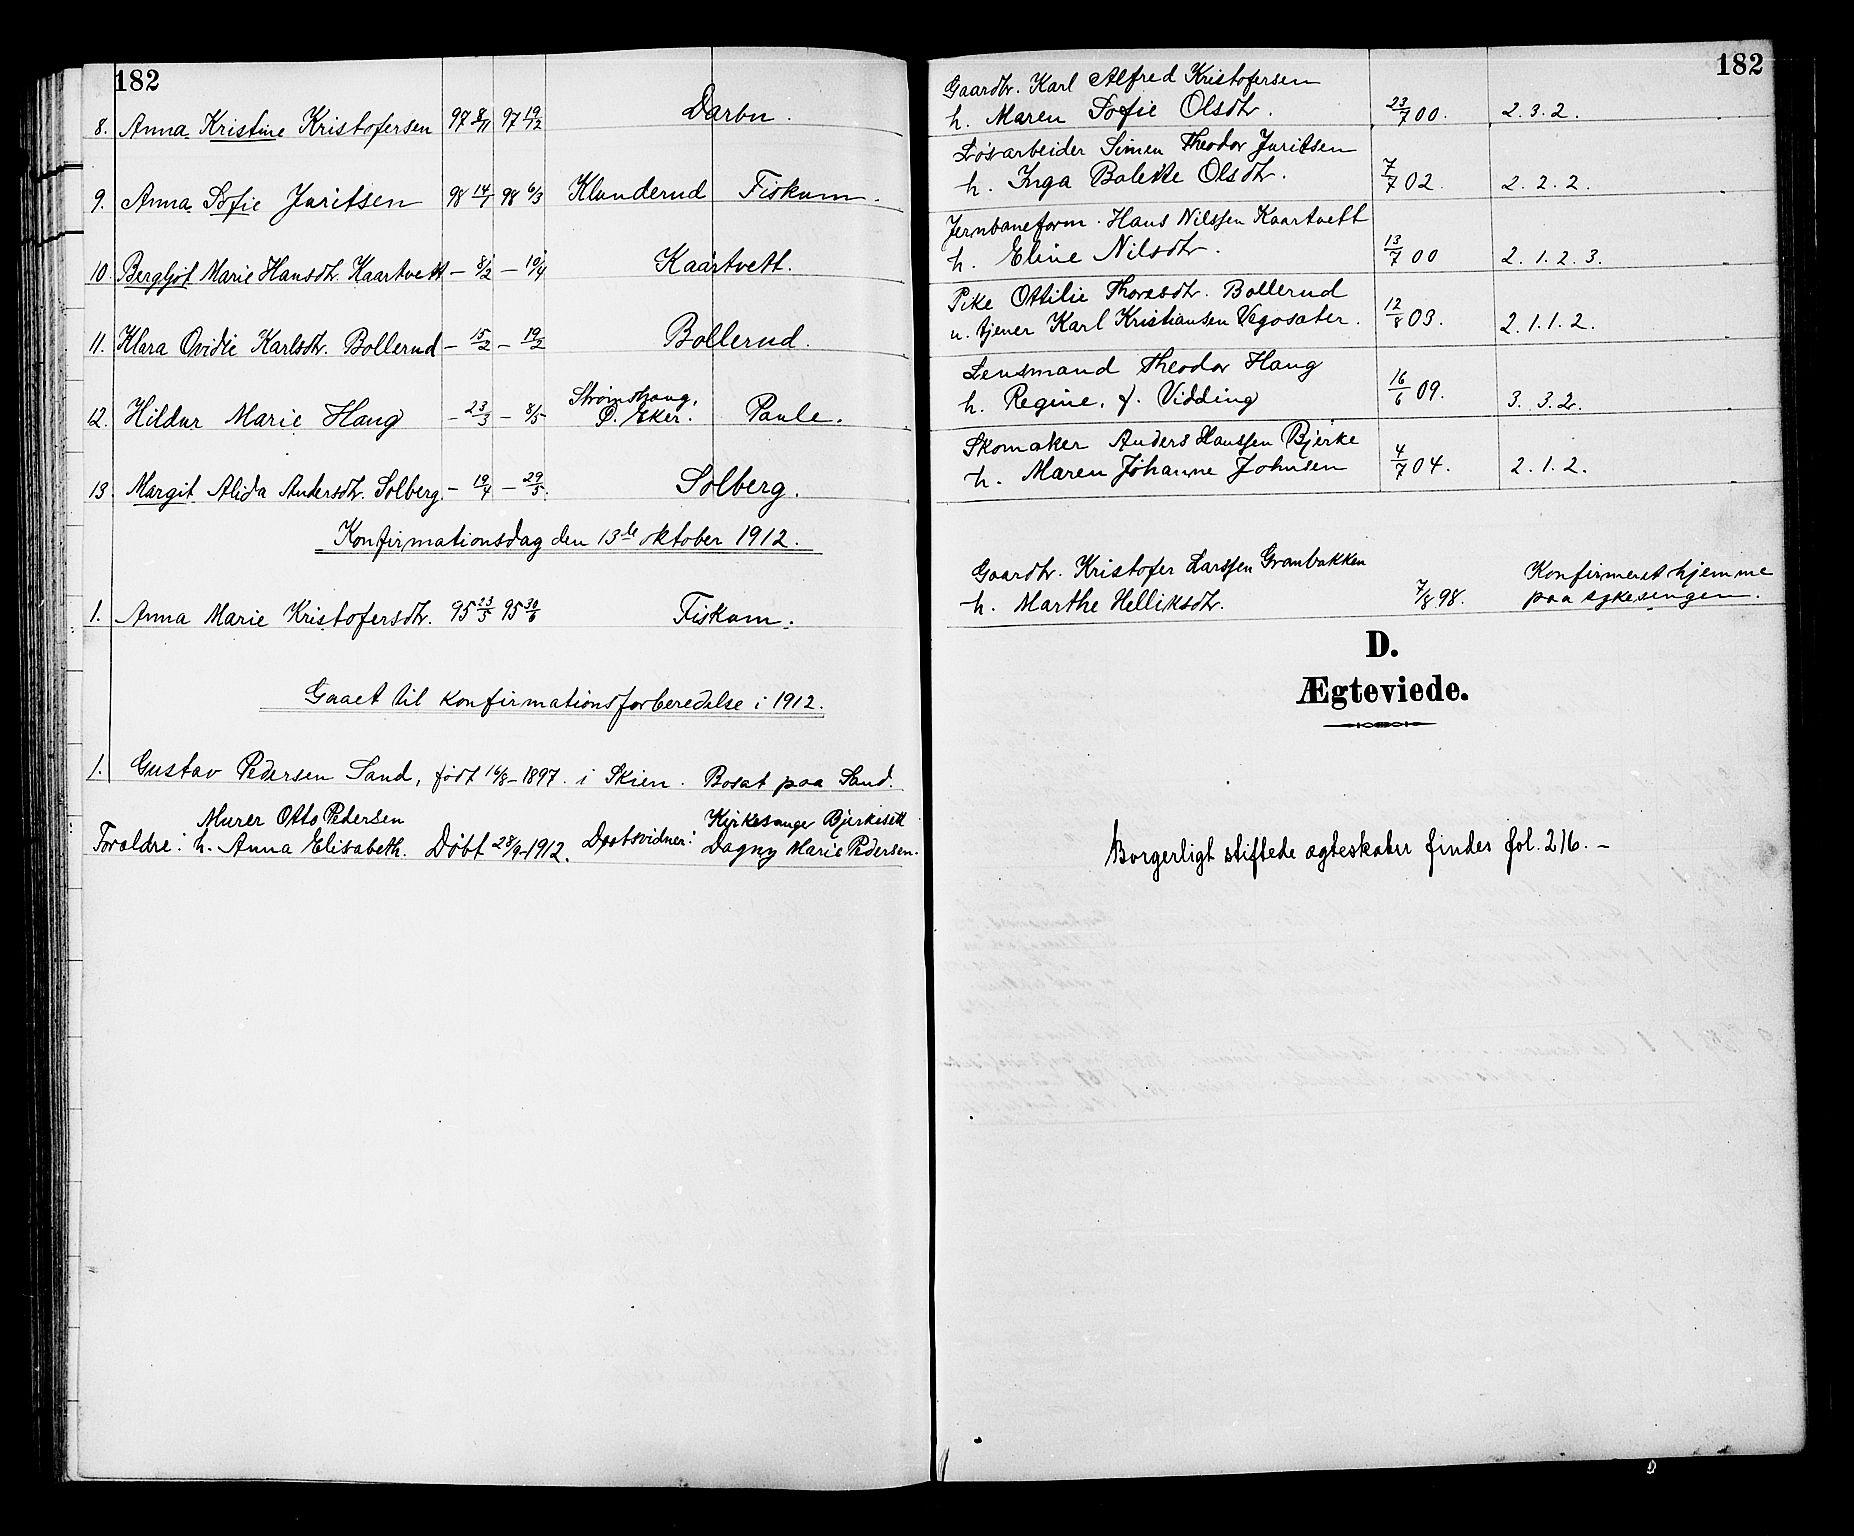 SAKO, Fiskum kirkebøker, G/Ga/L0005: Klokkerbok nr. 5, 1887-1912, s. 182